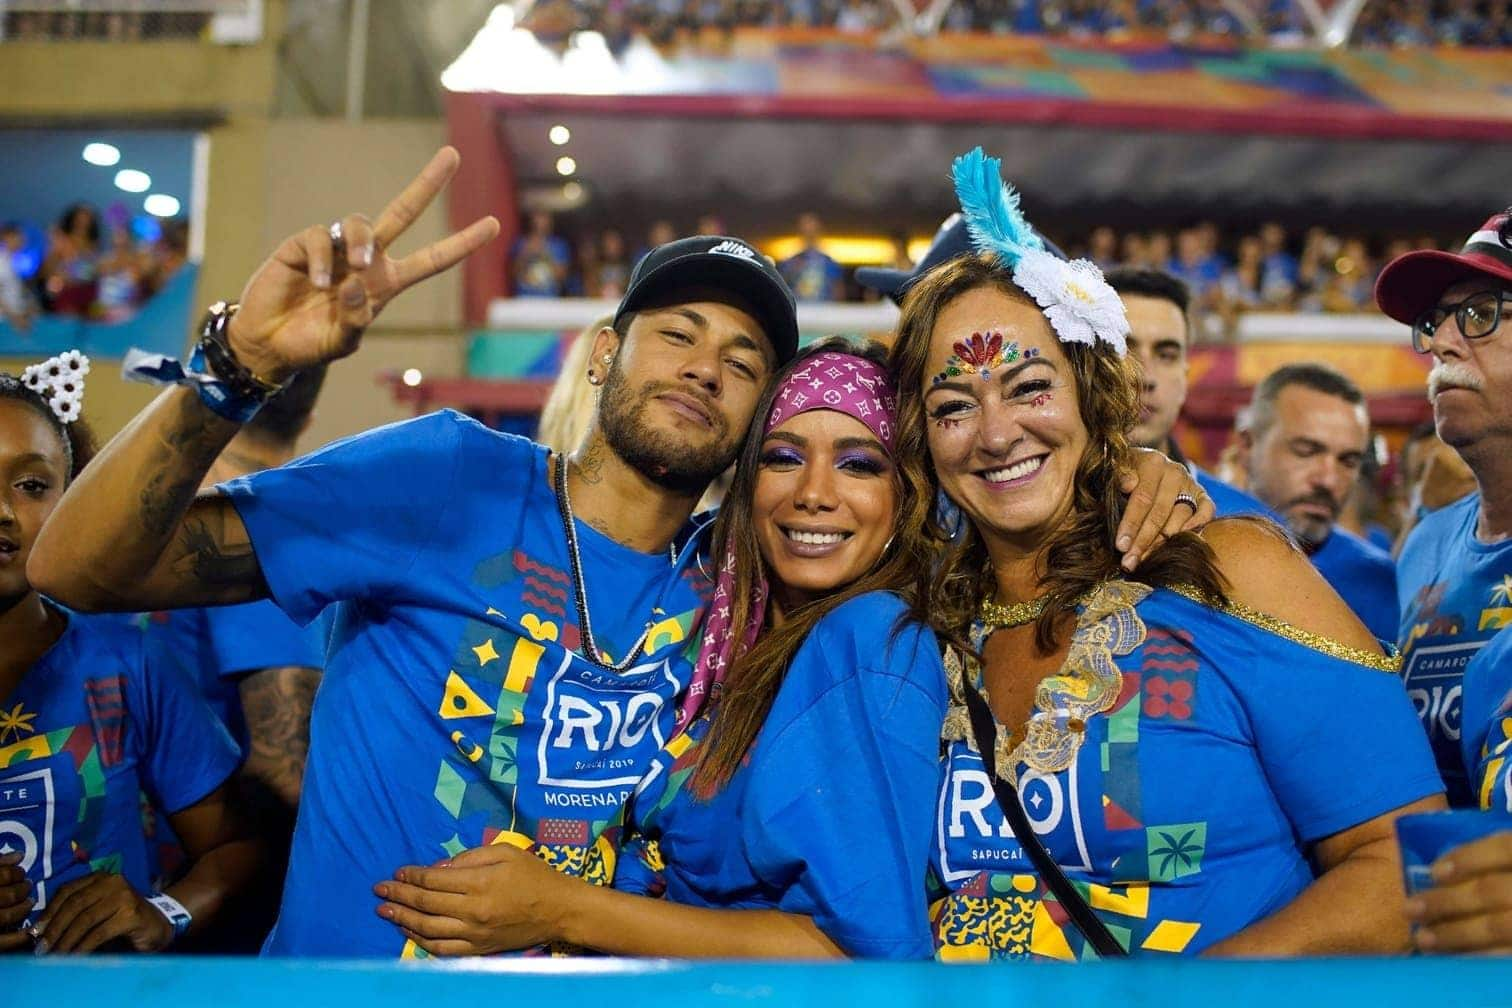 <p>Brasiliens Fußball-Superstar Neymar ist derzeit verletzt und hat deshalb am legendären Karneval von Rio de Janeiro teilgenommen.</p> Foto: Mauro Pimentel/dpa